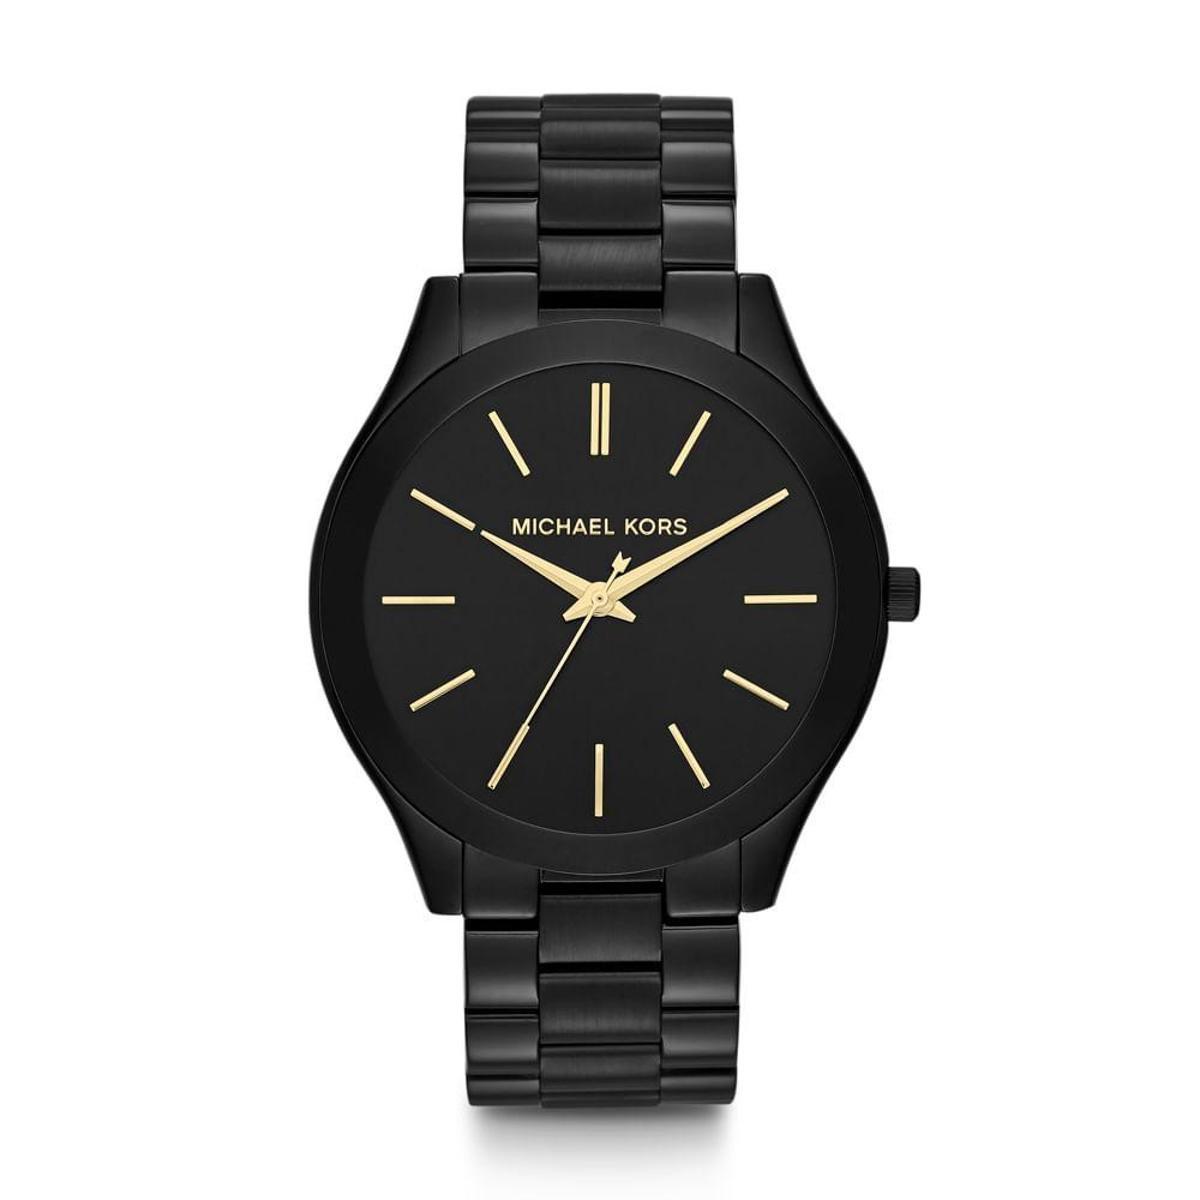 c8612eb9e464c Relógio Michael Kors Feminino - MK3221 4PI MK3221 4PI - Compre Agora ...